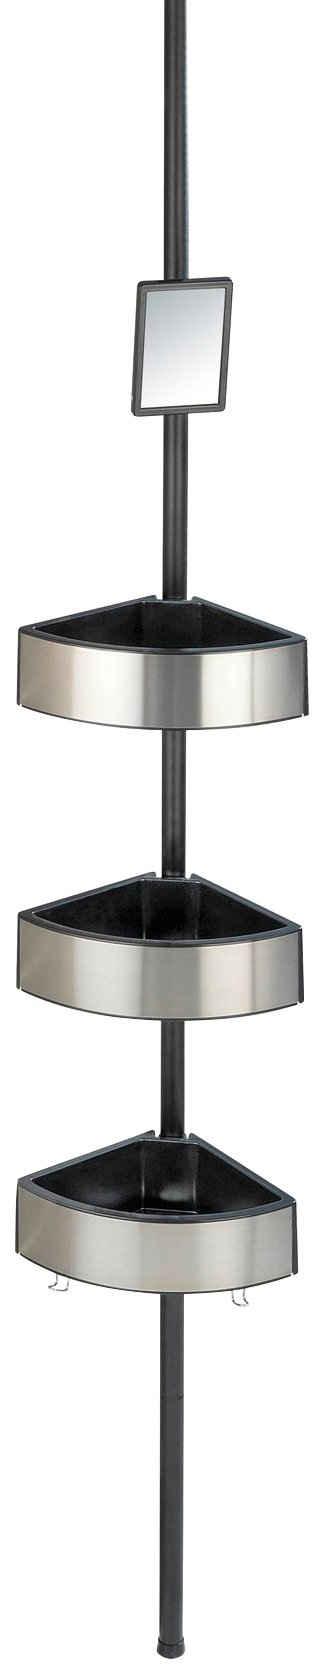 WENKO Duschregal »Premium Big Black«, 1-tlg., 3 Ablagen, mit Spiegel, höhenverstellbar 70-260 cm